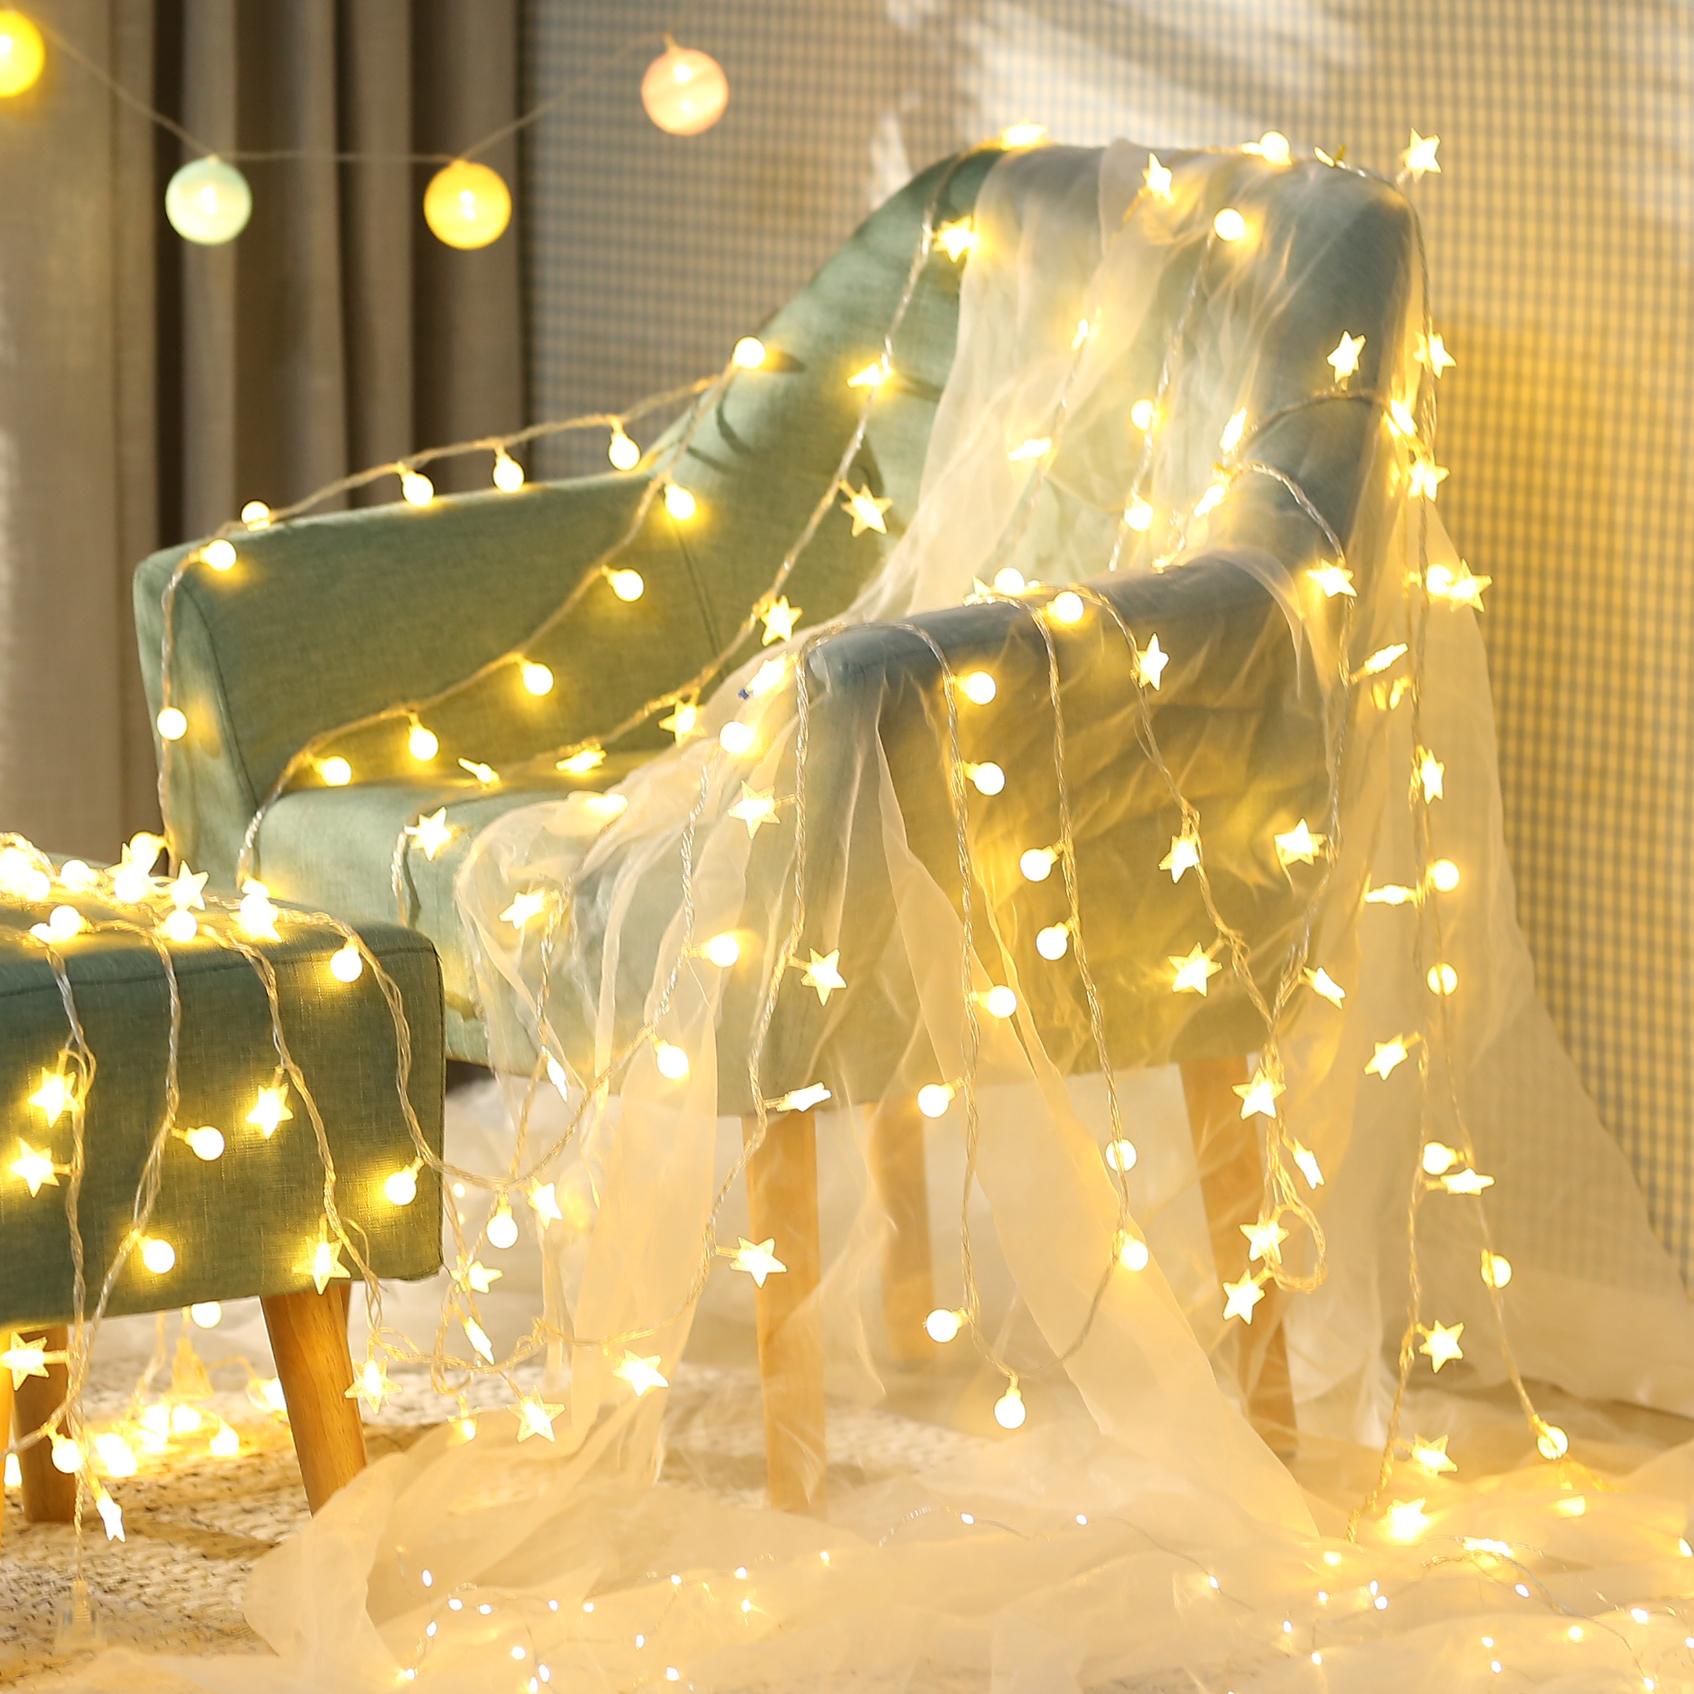 led星星灯彩灯闪灯串灯满天星少女心房间布置卧室浪漫网红灯装饰